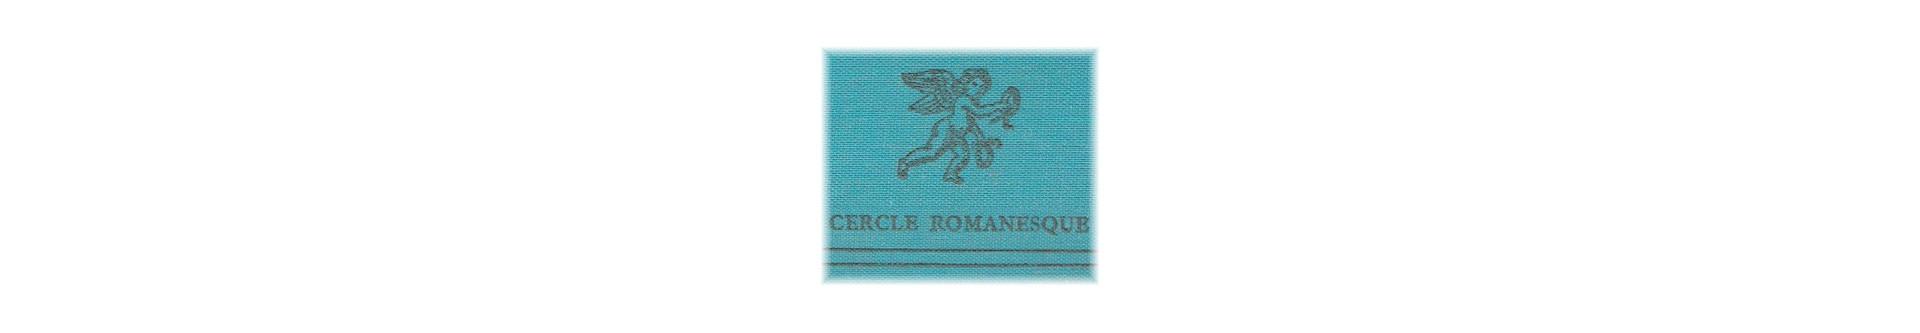 Le Cercle Romanesque | Librairie Jules Tallandier | Livres d'occasion